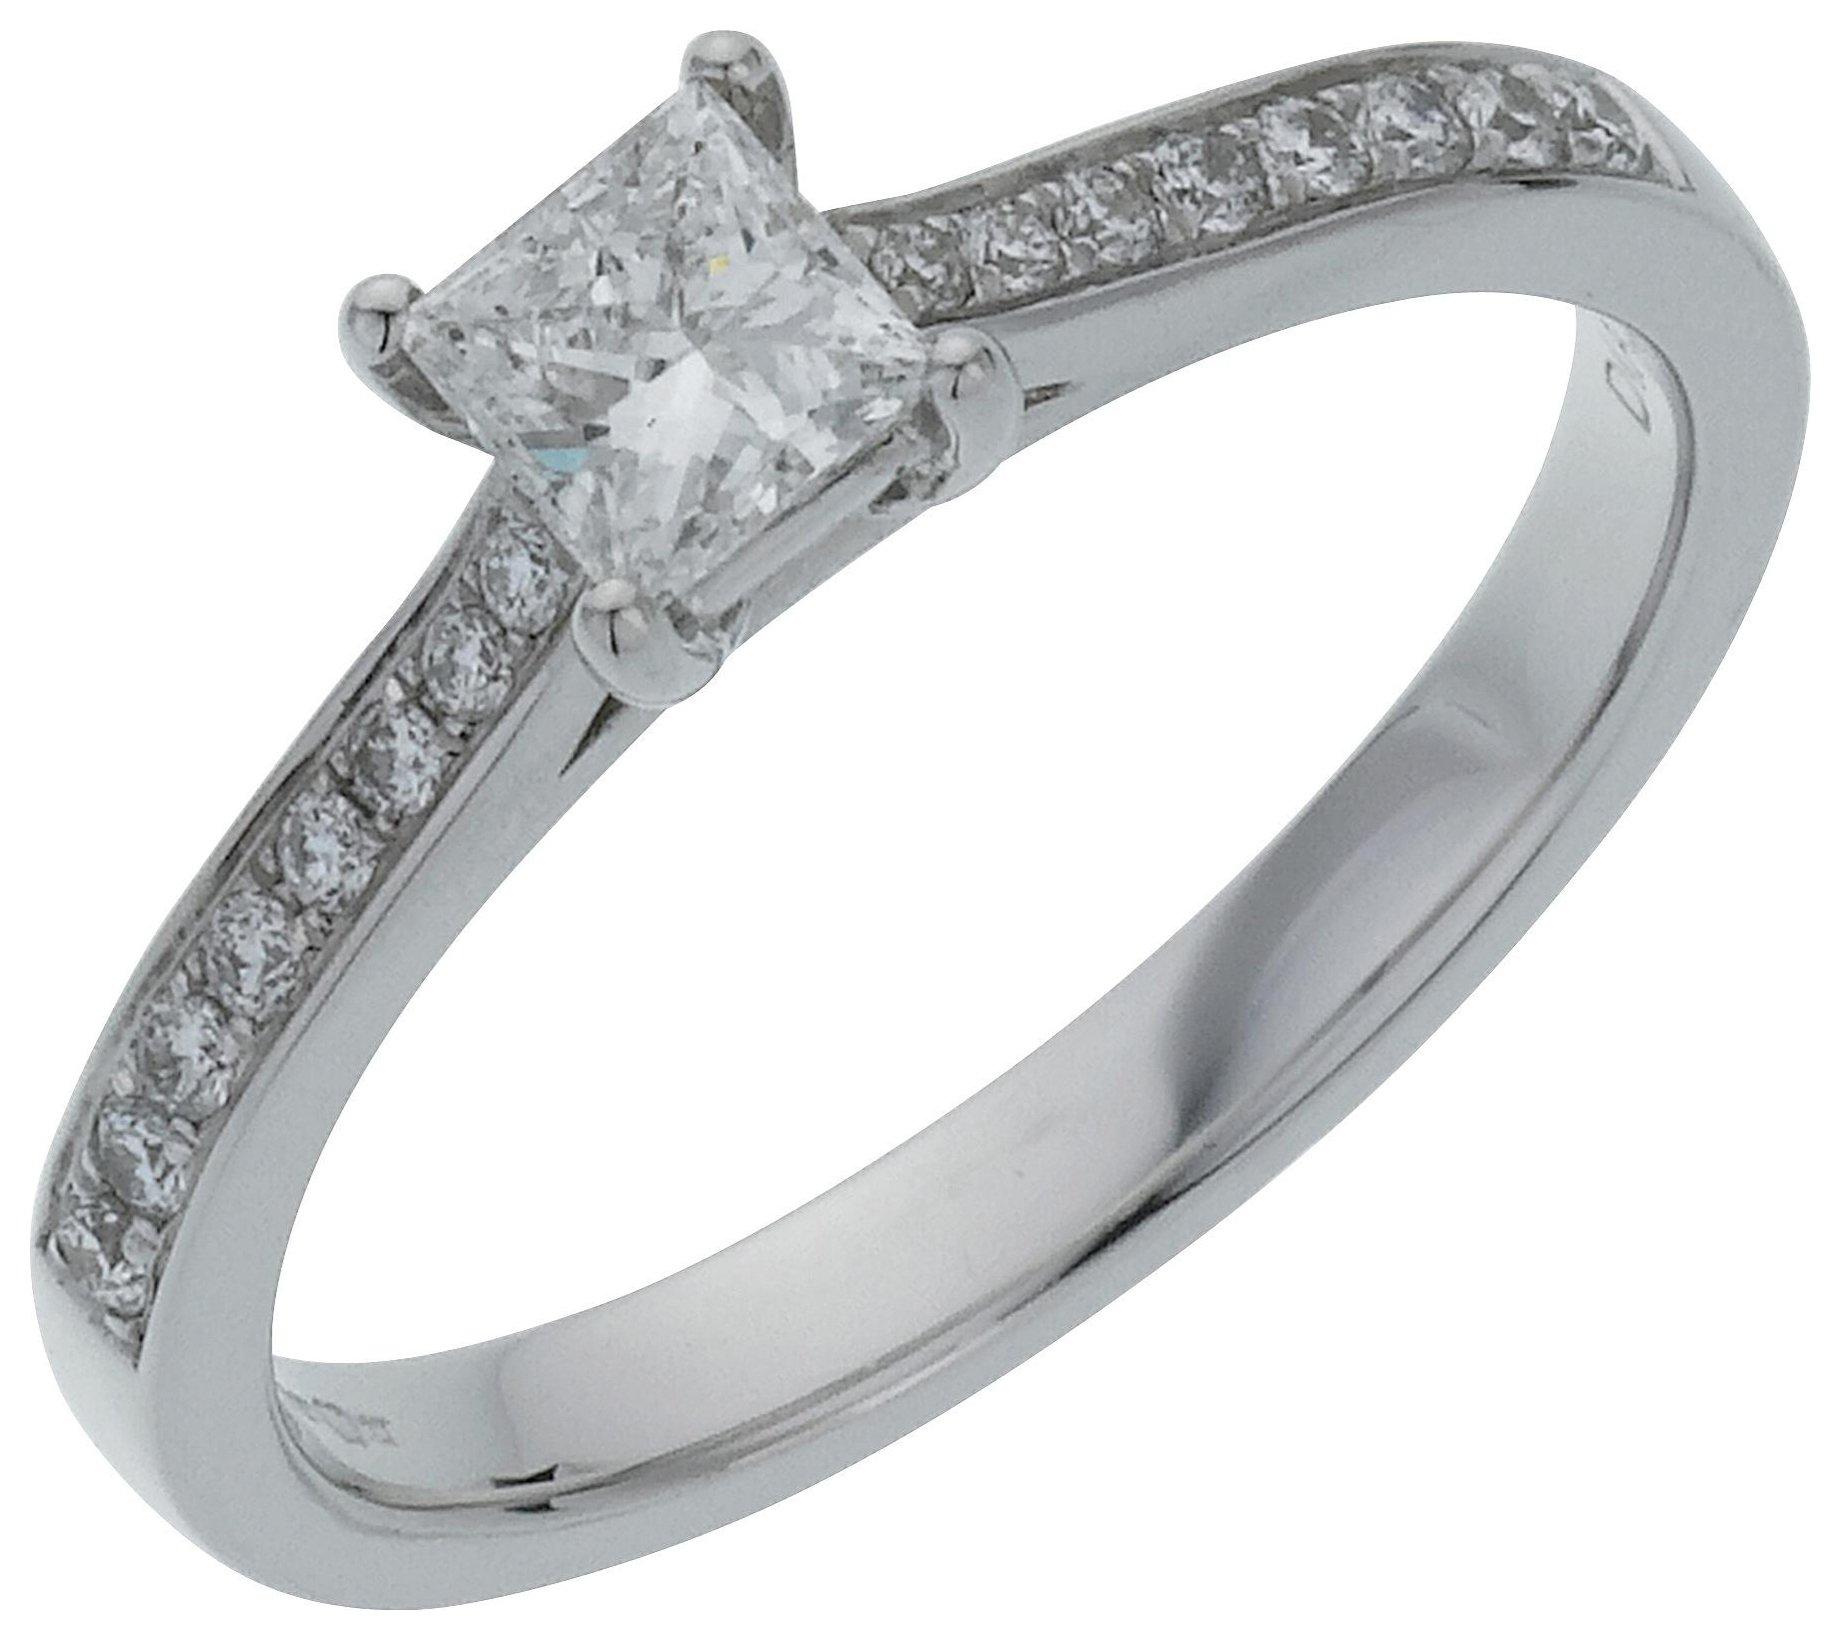 18 Carat White Gold 05 Carat Diamond - Princess Cut Shoulder Ring- J